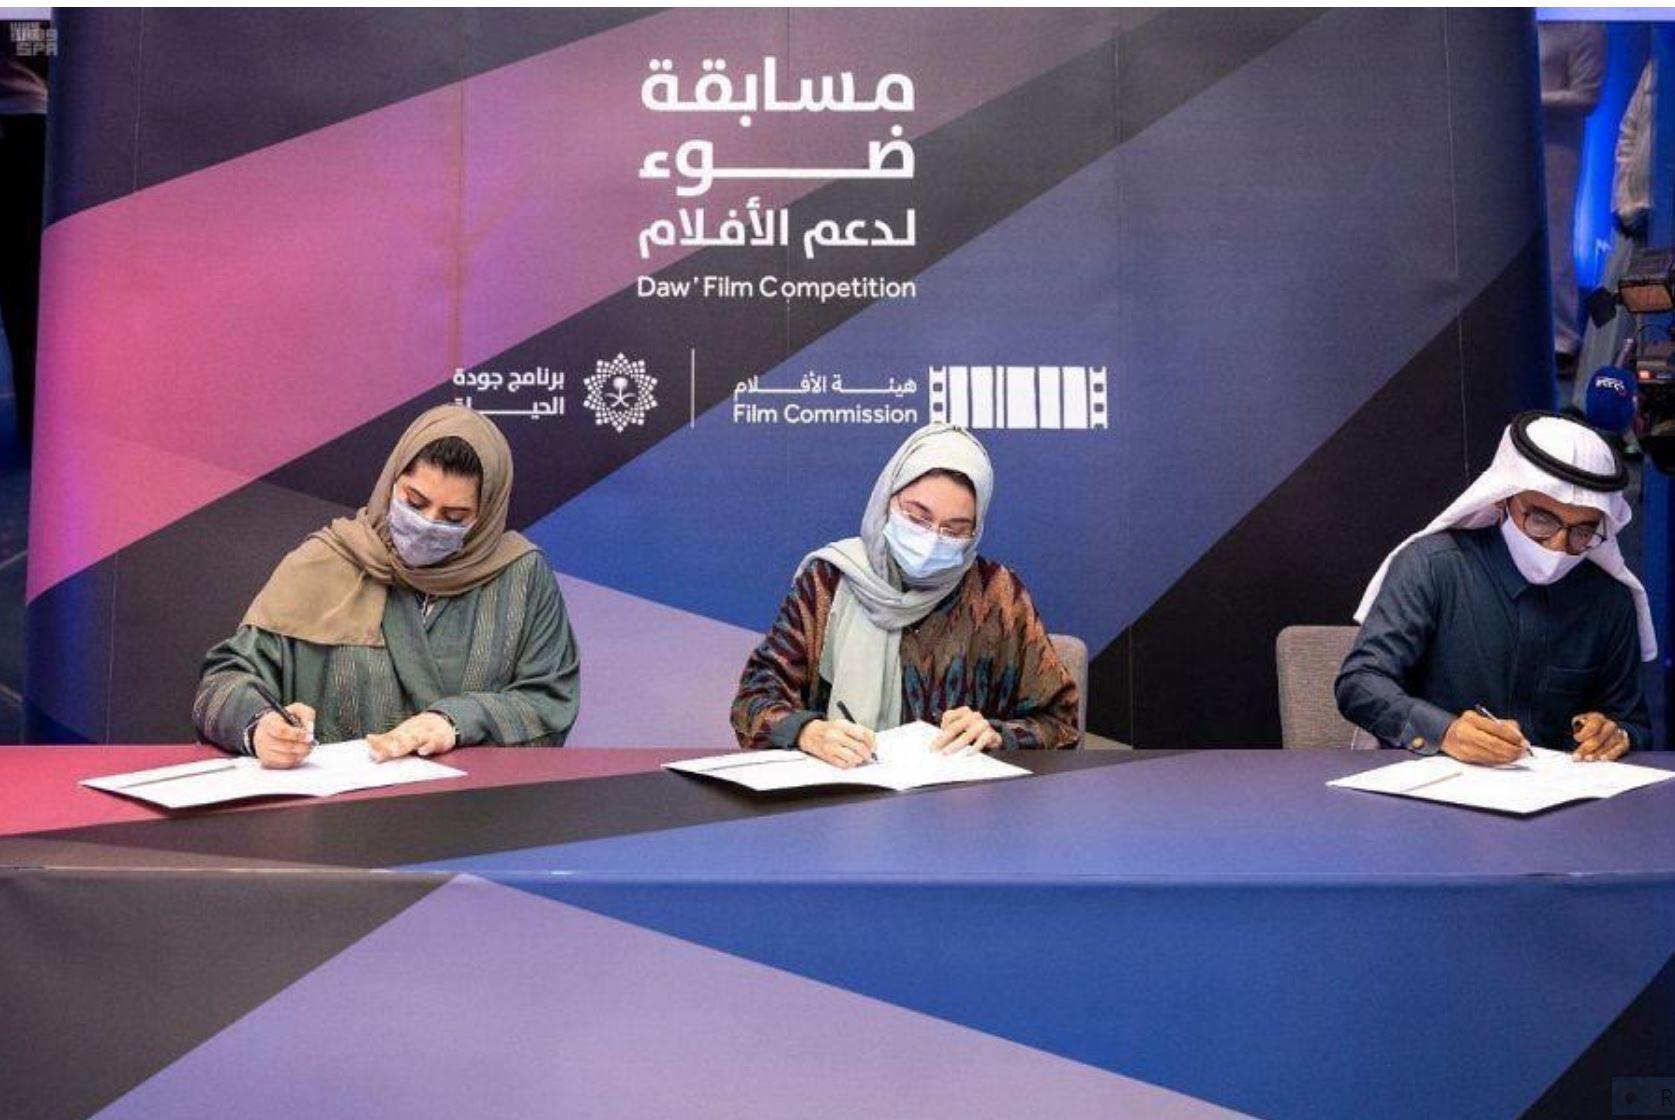 هيئة الأفلام في المملكة العربية السعودية تطلق برامج تدريبية لتطوير النصوص